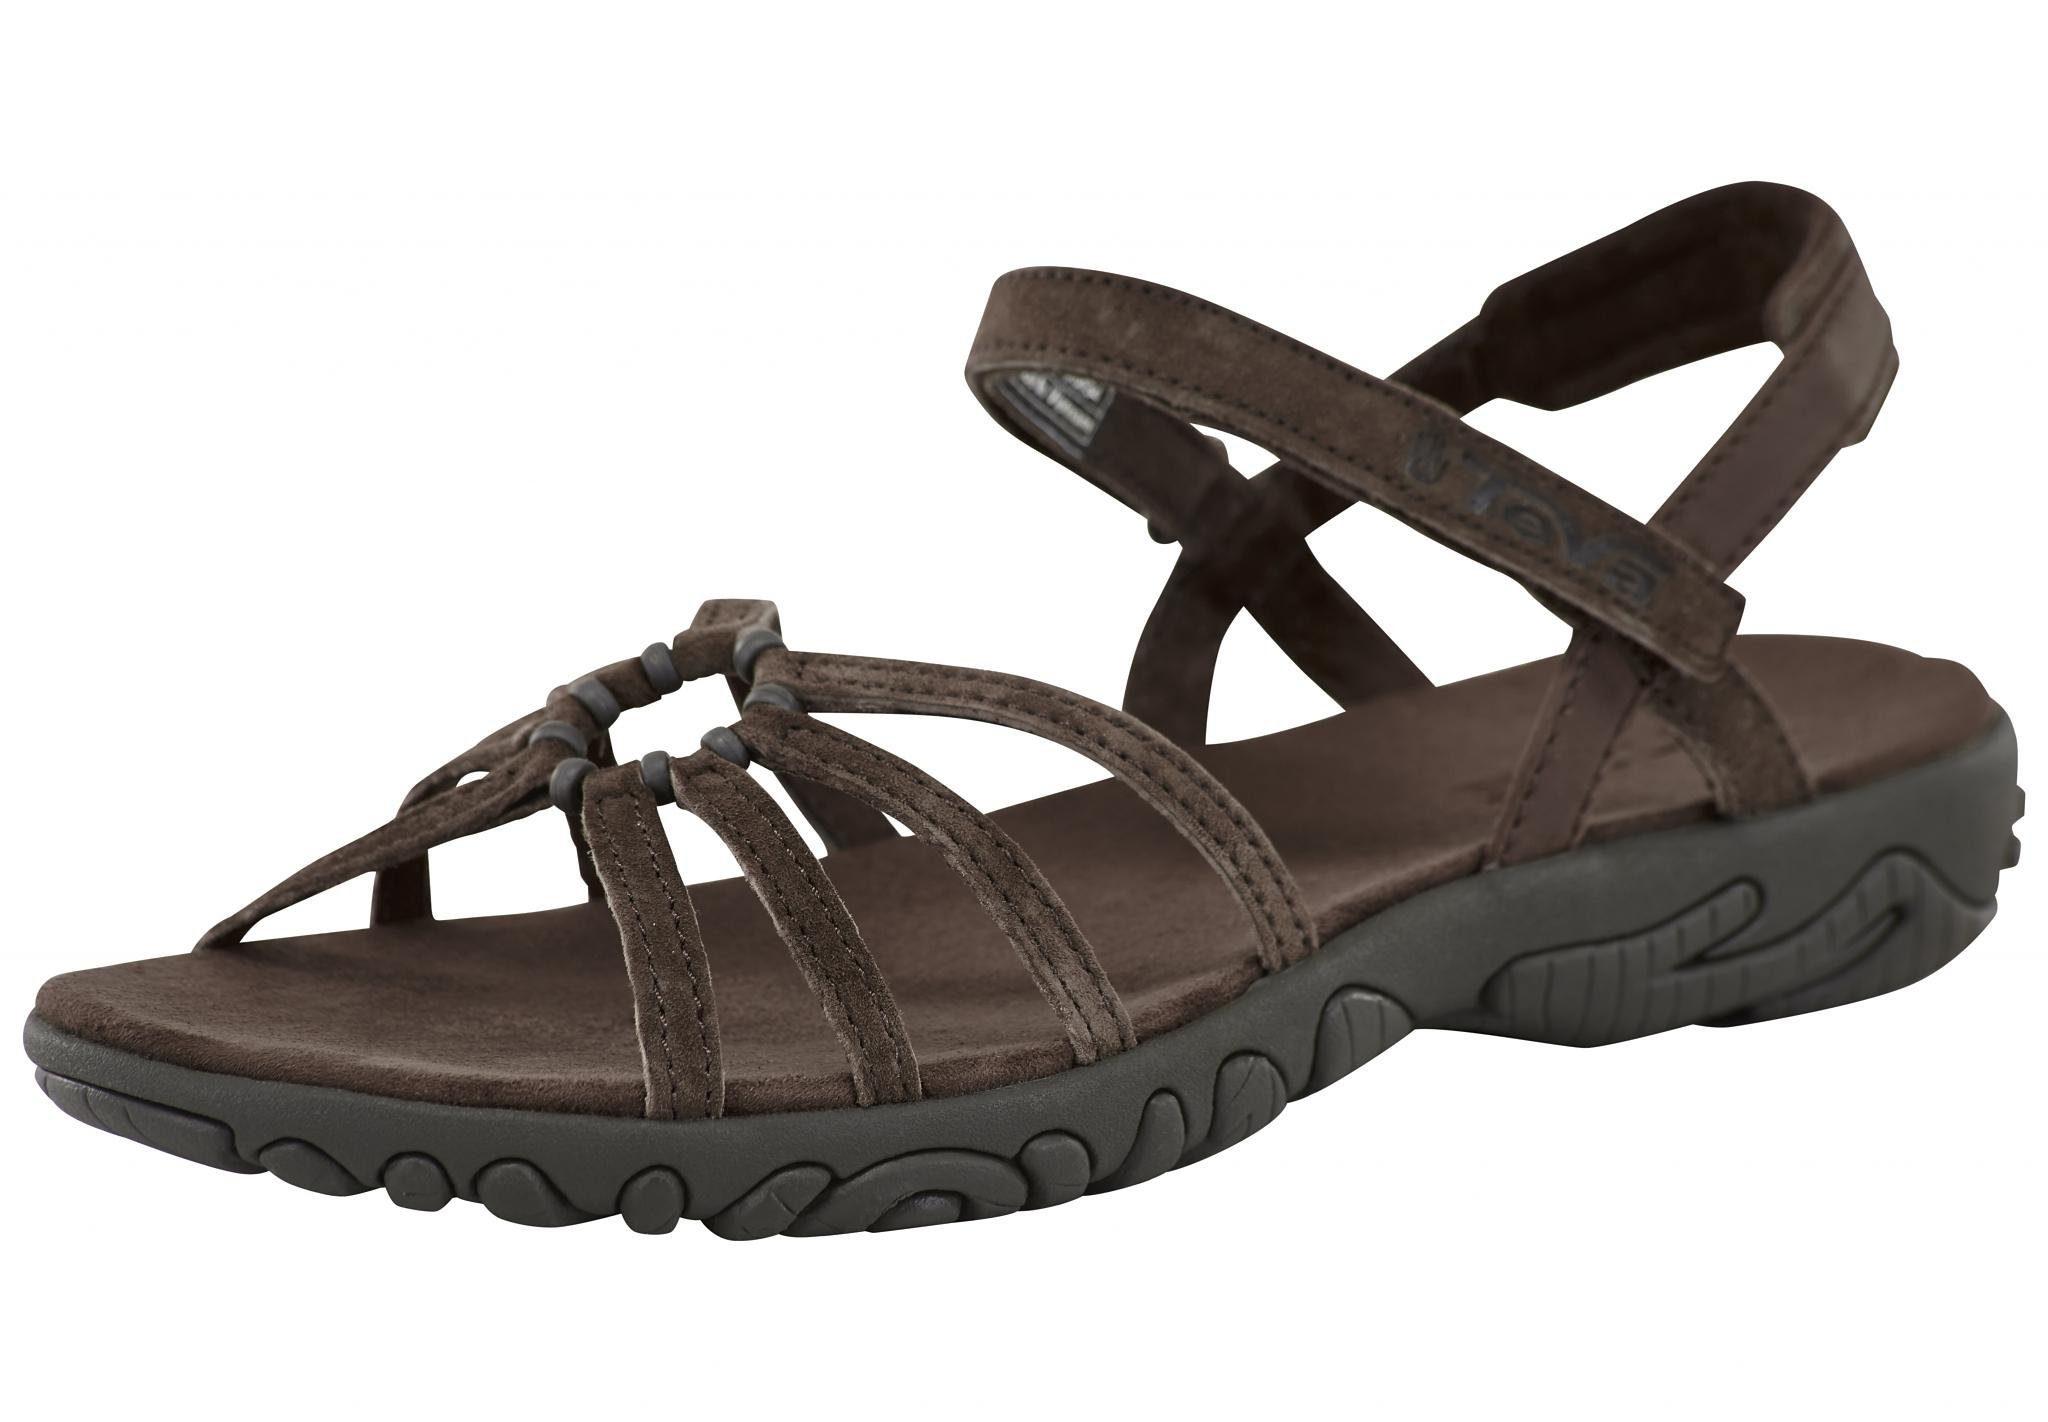 Teva Sandale »Kayenta Suede Sandals Women«, braun, braun